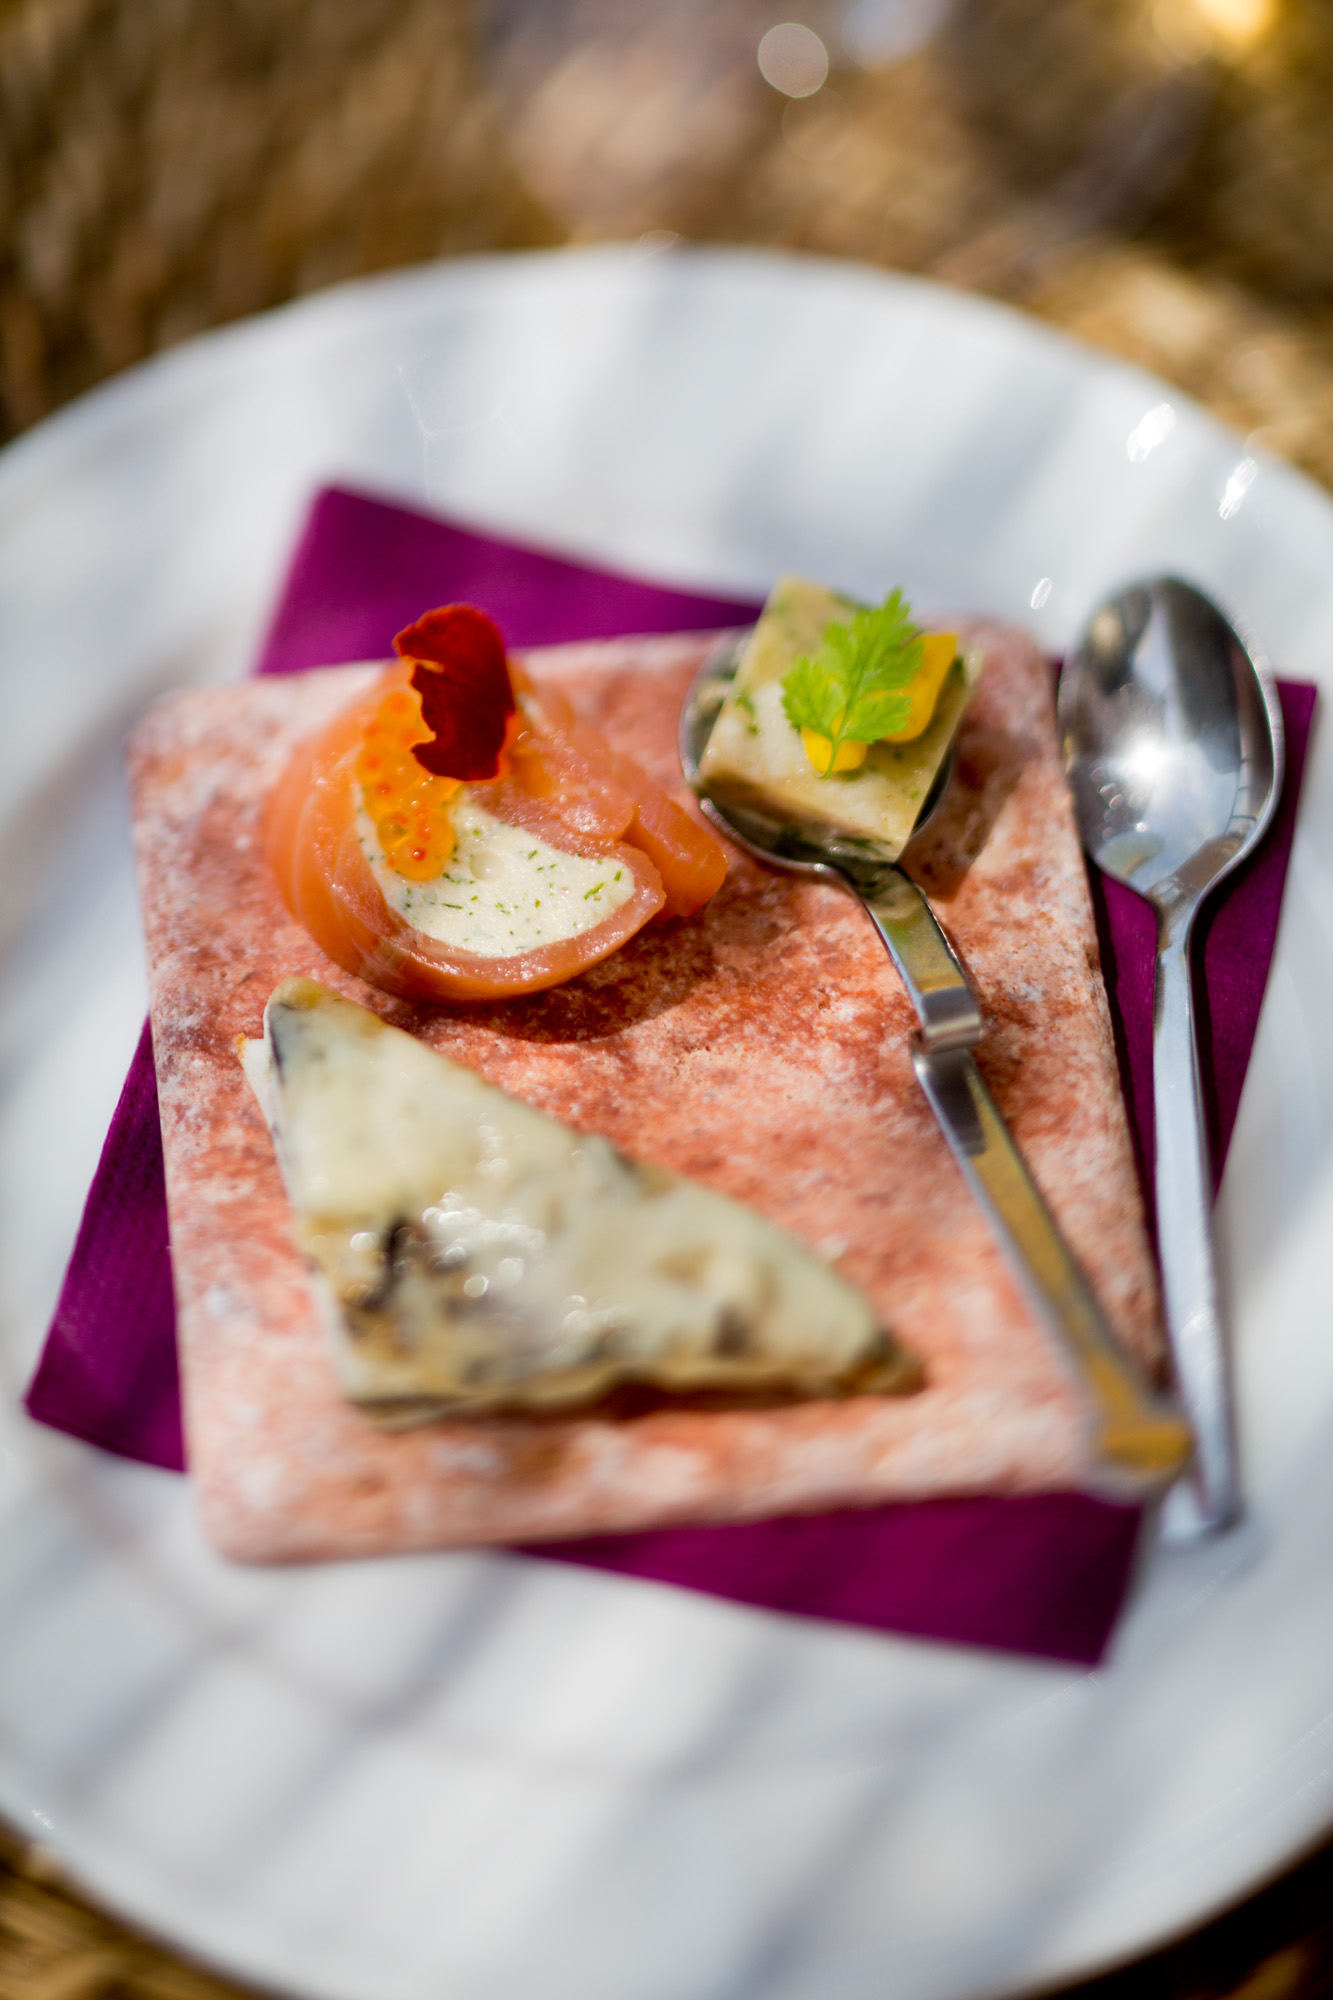 Lou Fassum Restaurant Gastronomique, Grasse, France